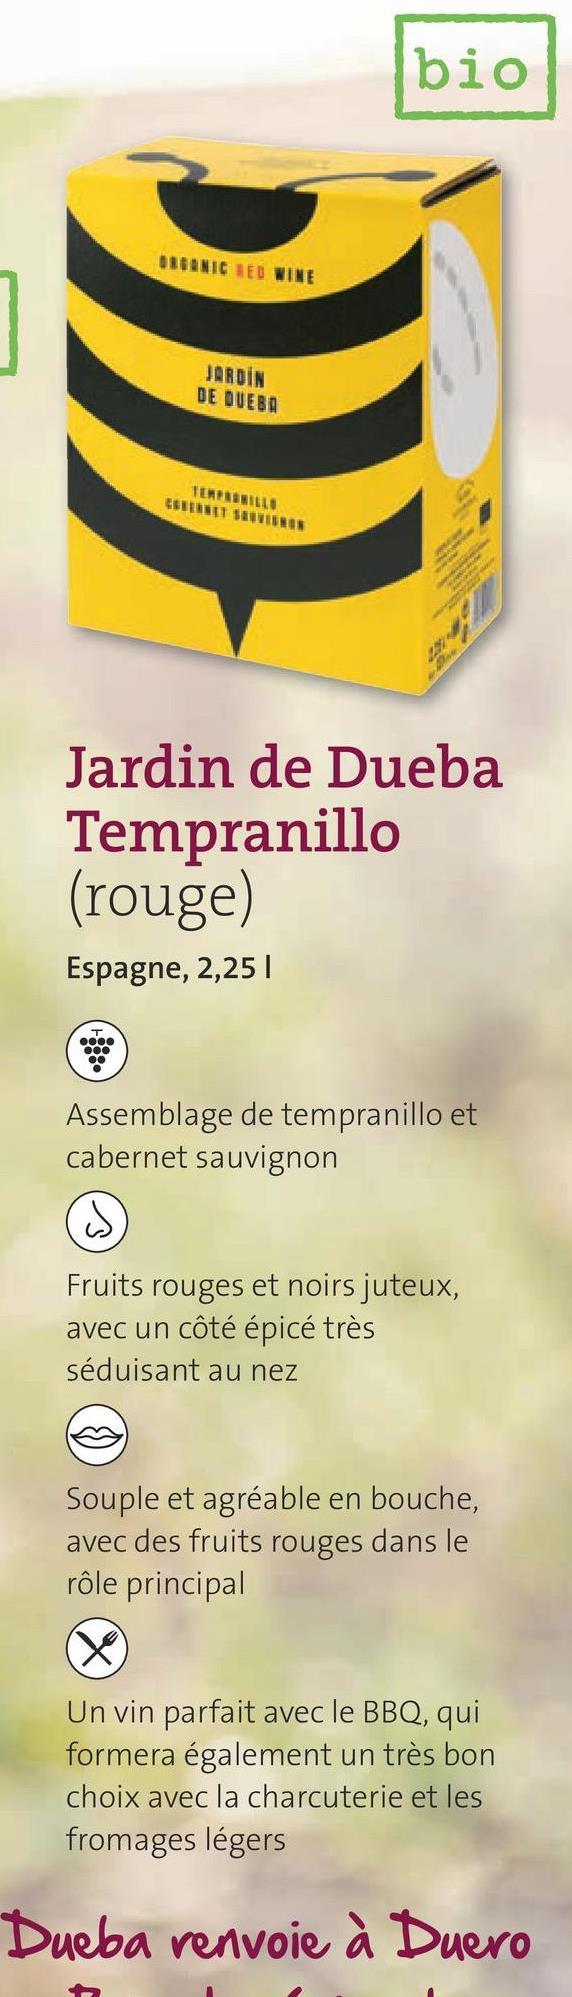 bio ORGANIC RED WINE JARDÍN DE DUEBA TEMPERILLO Jardin de Dueba Tempranillo (rouge) Espagne, 2,25 т oo00 Assemblage de tempranillo et cabernet sauvignon w Fruits rouges et noirs juteux, avec un côté épicé très séduisant au nez Souple et agréable en bouche, avec des fruits rouges dans le rôle principal X Un vin parfait avec le BBQ, qui formera également un très bon choix avec la charcuterie et les fromages légers Dueba renvoie à Duero